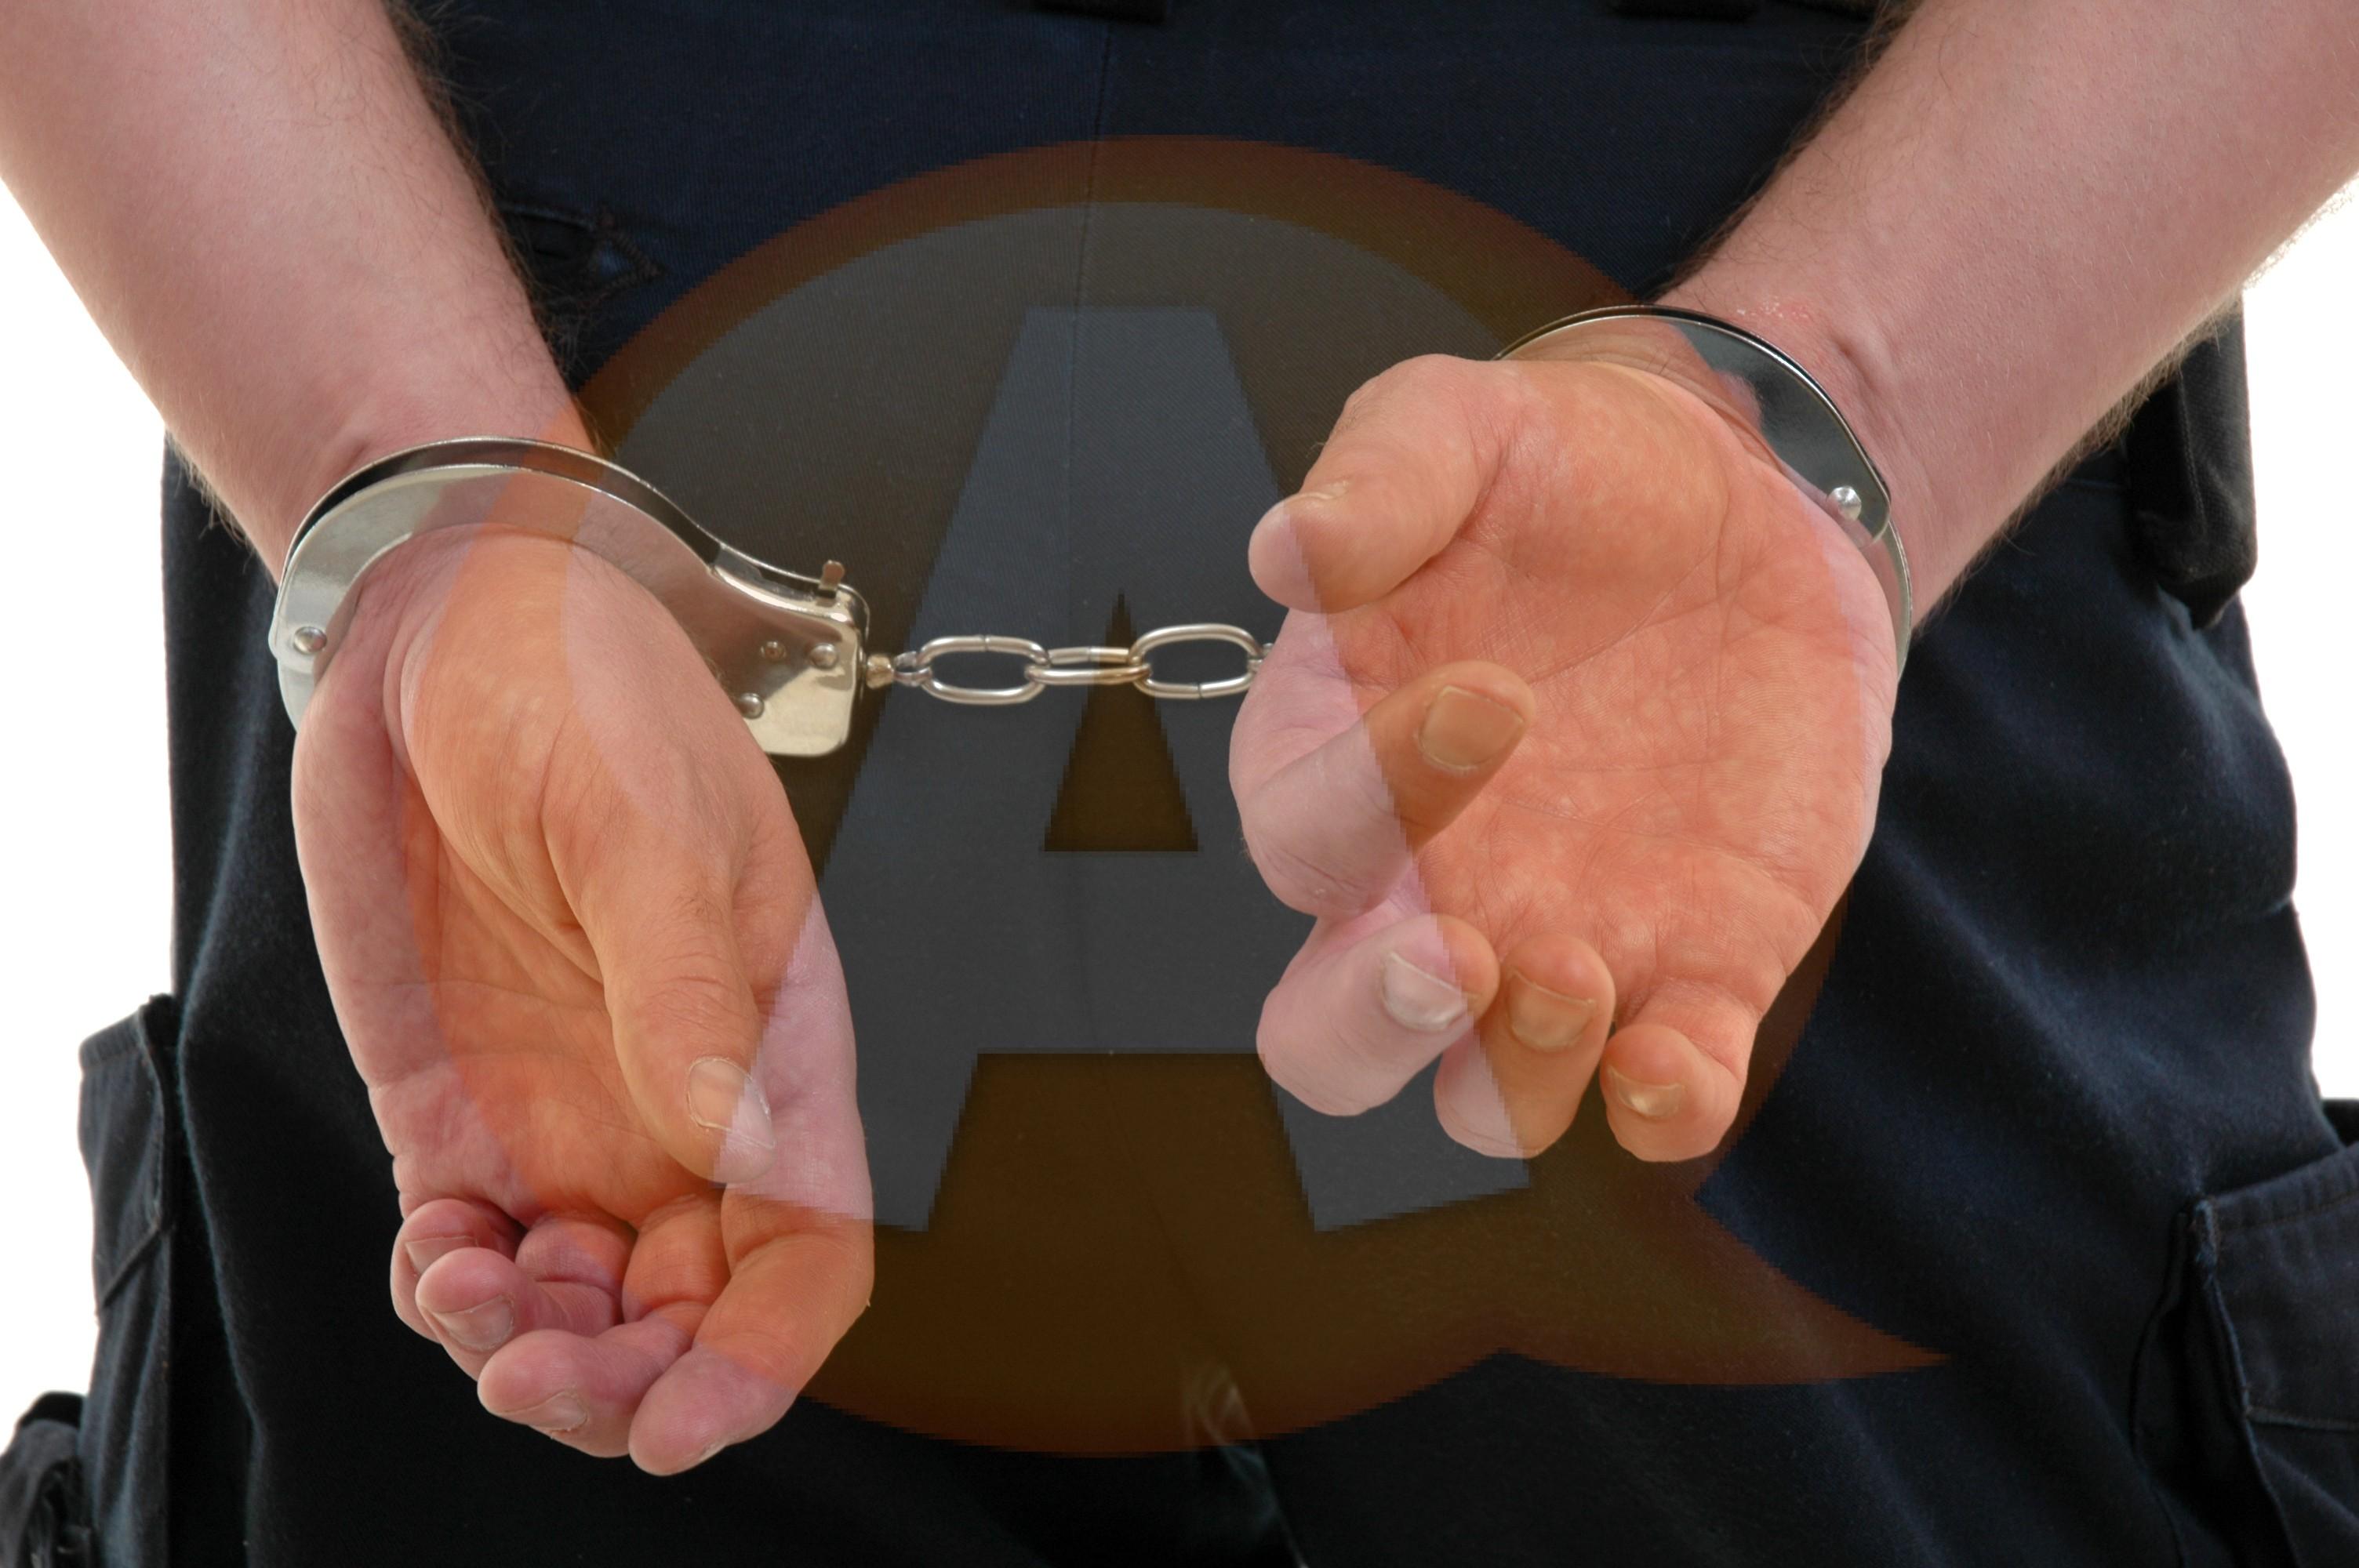 Bărbat de 63 de ani suspect de crimă, arestat de poliţiştii călărăşeni